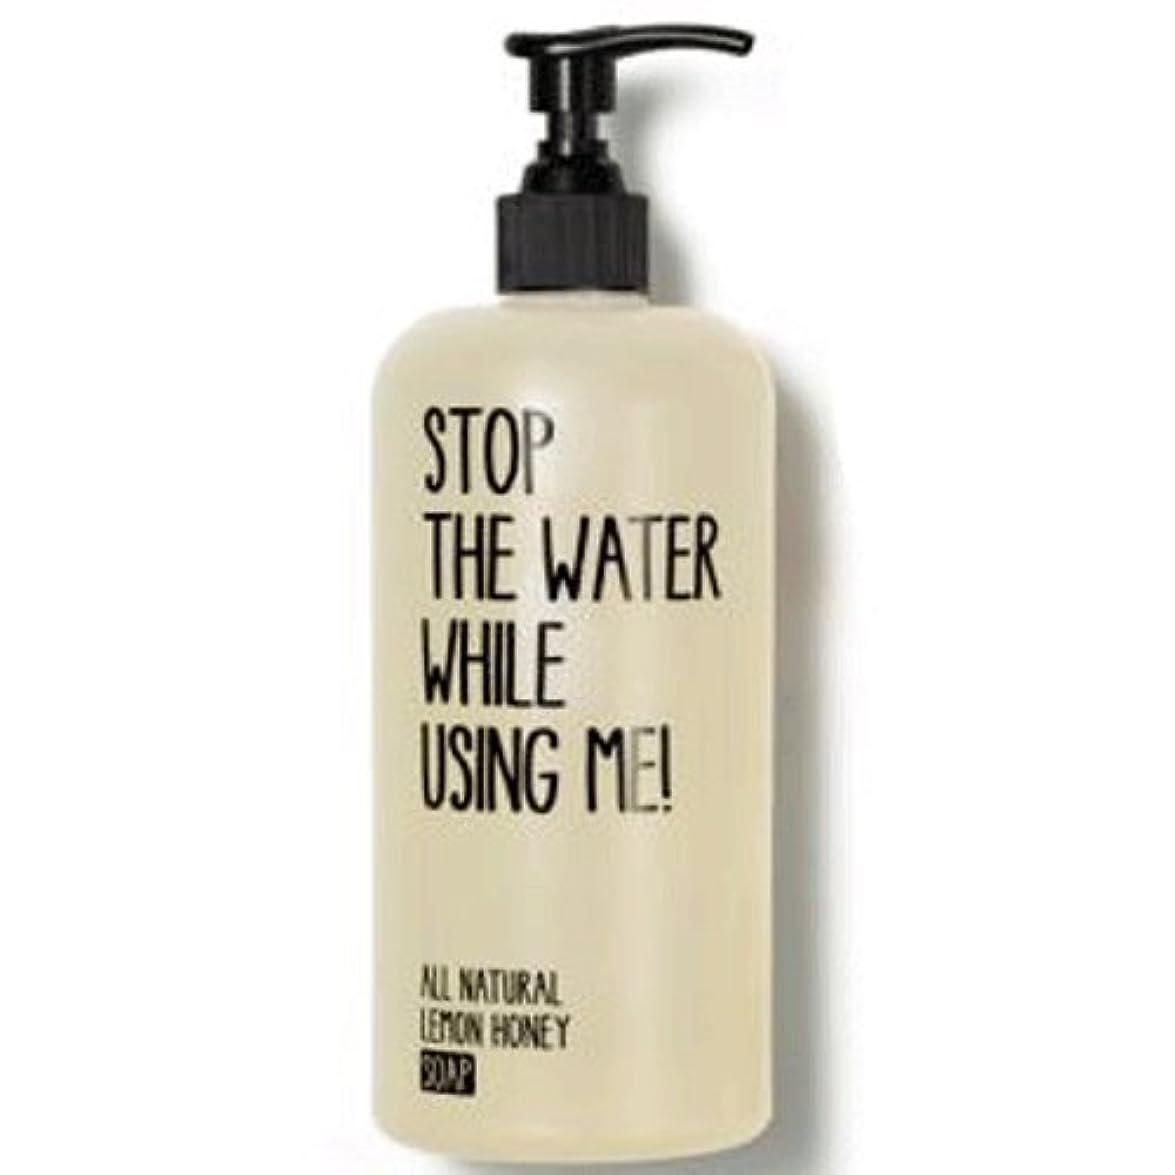 参照履歴書不利【STOP THE WATER WHILE USING ME!】L&Hソープ(レモン&ハニー) 500ml [並行輸入品]